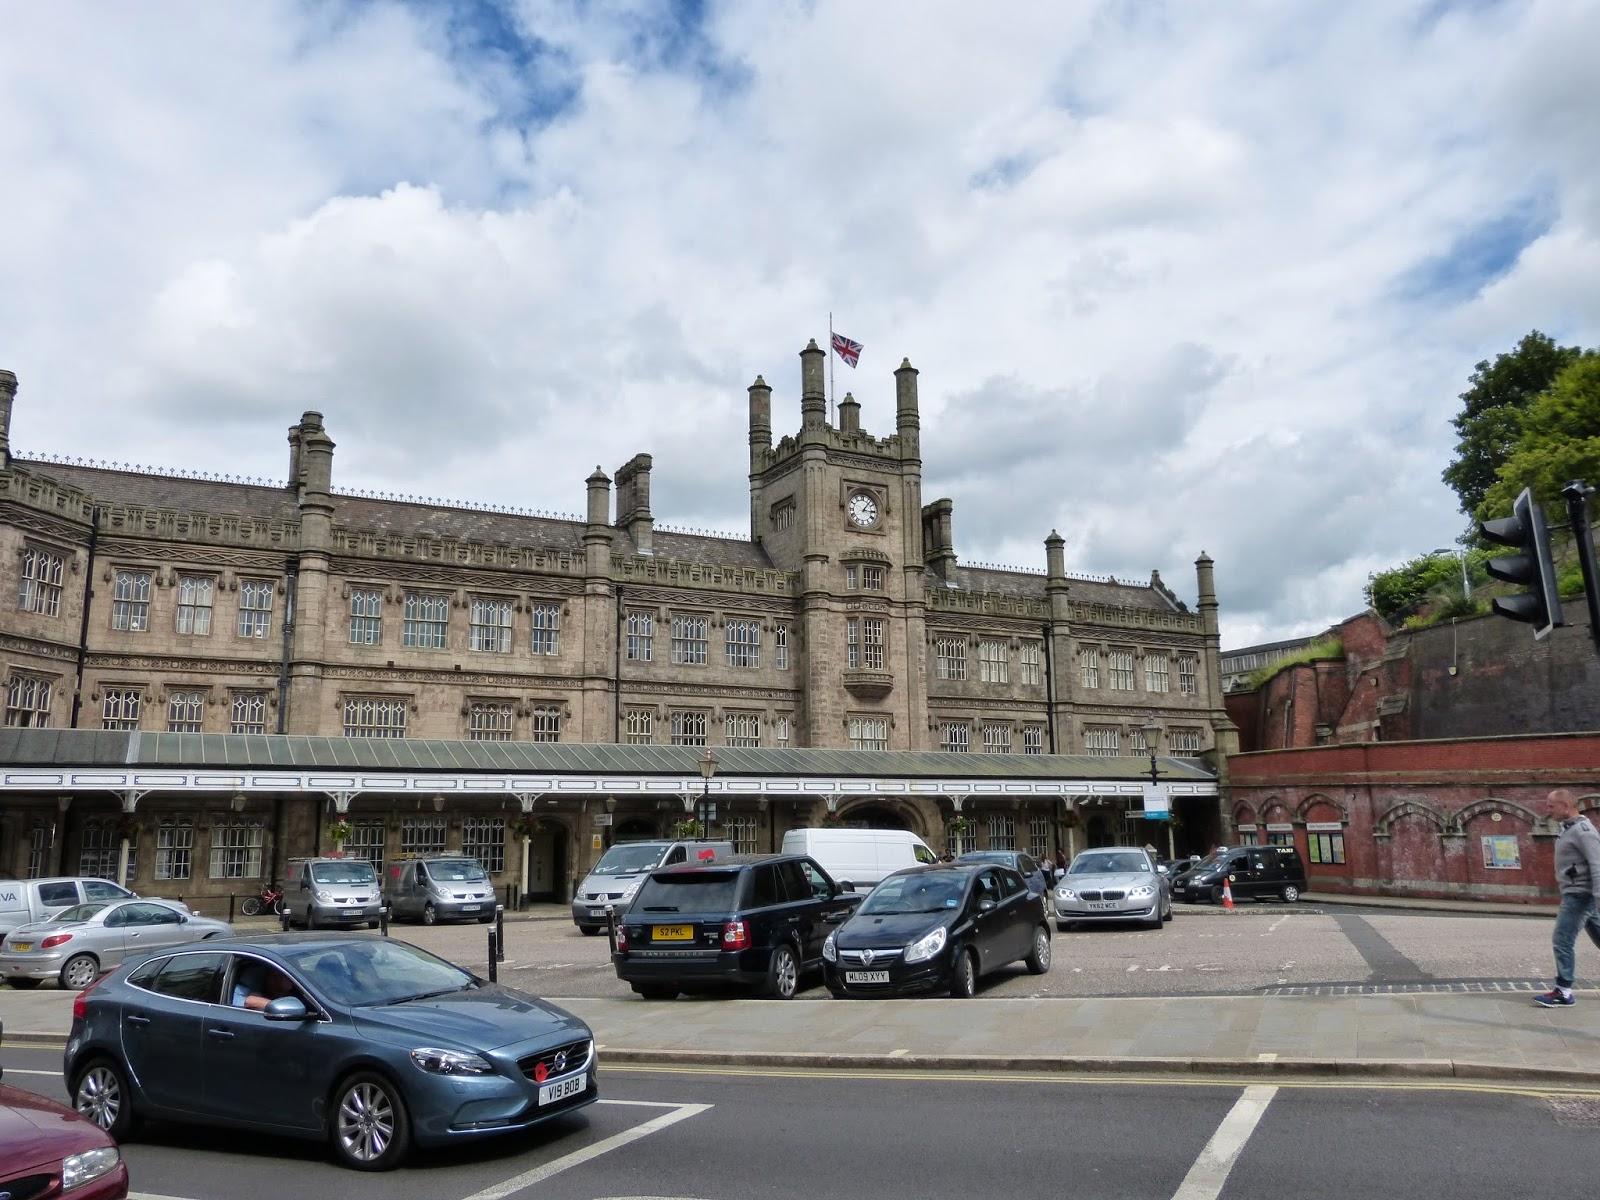 M S Shrewsbury Clock This: Shrewsbury